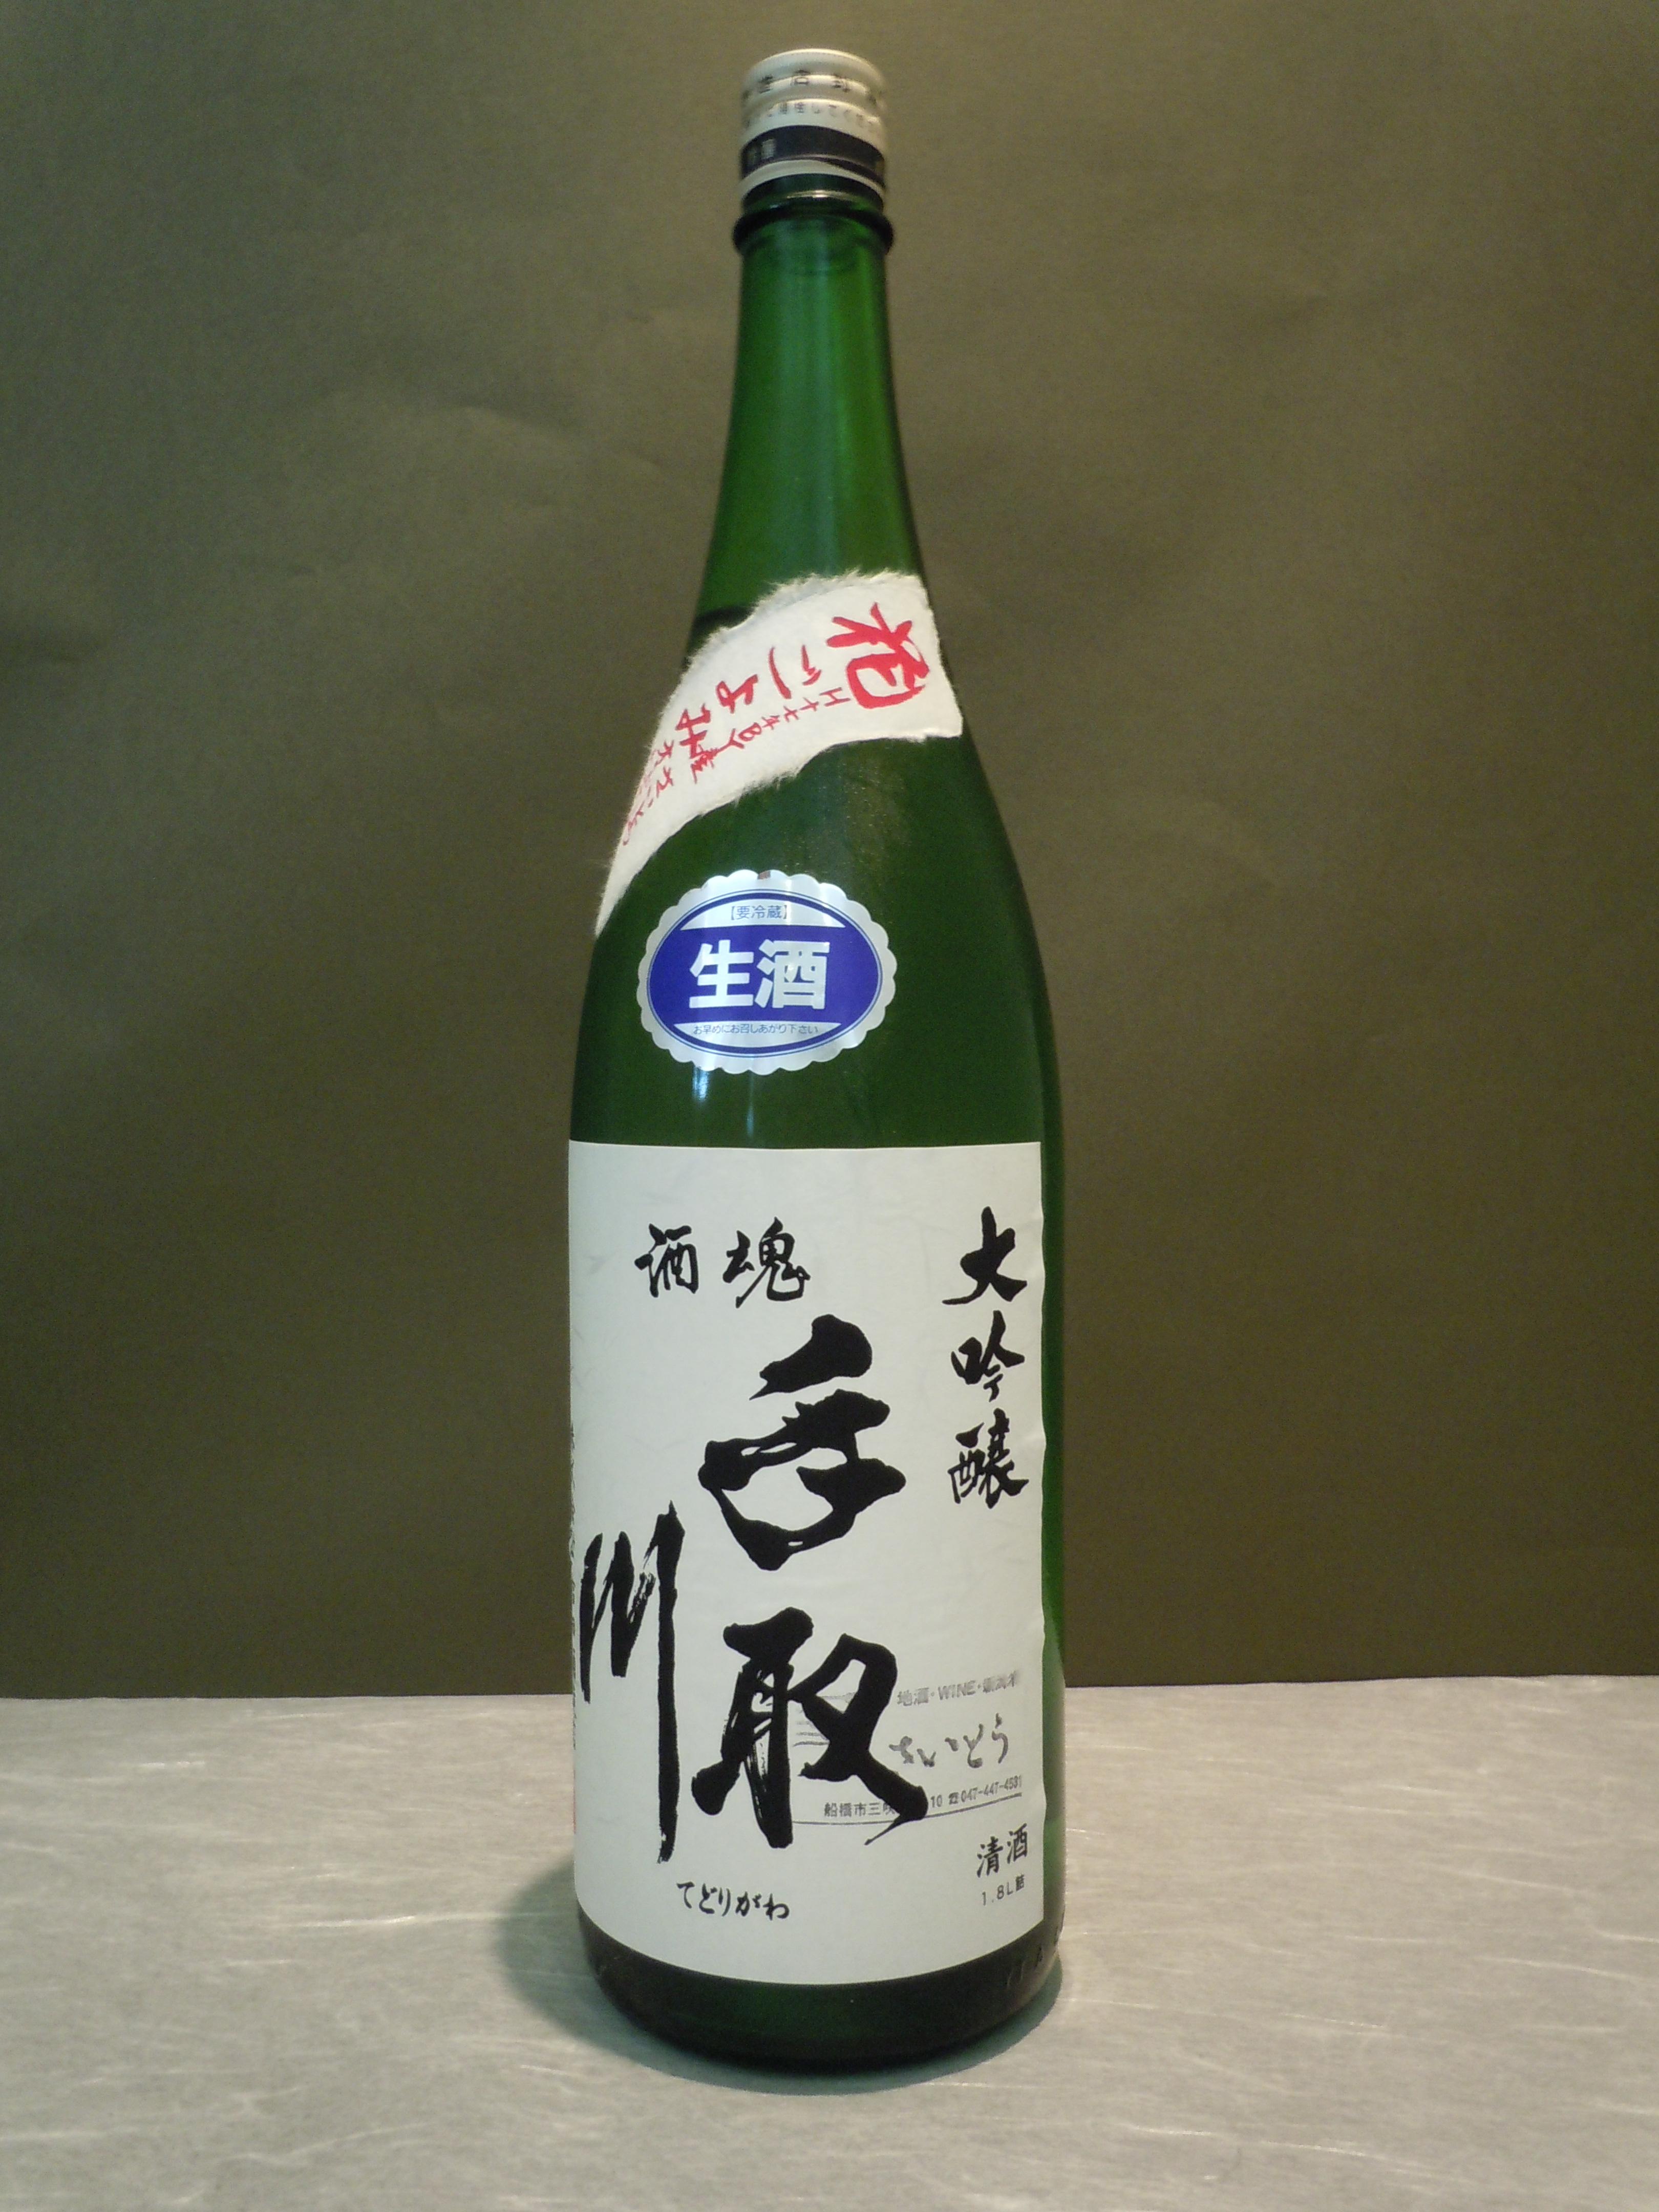 手取川 酒魂 大吟醸 花ごよみ 生酒